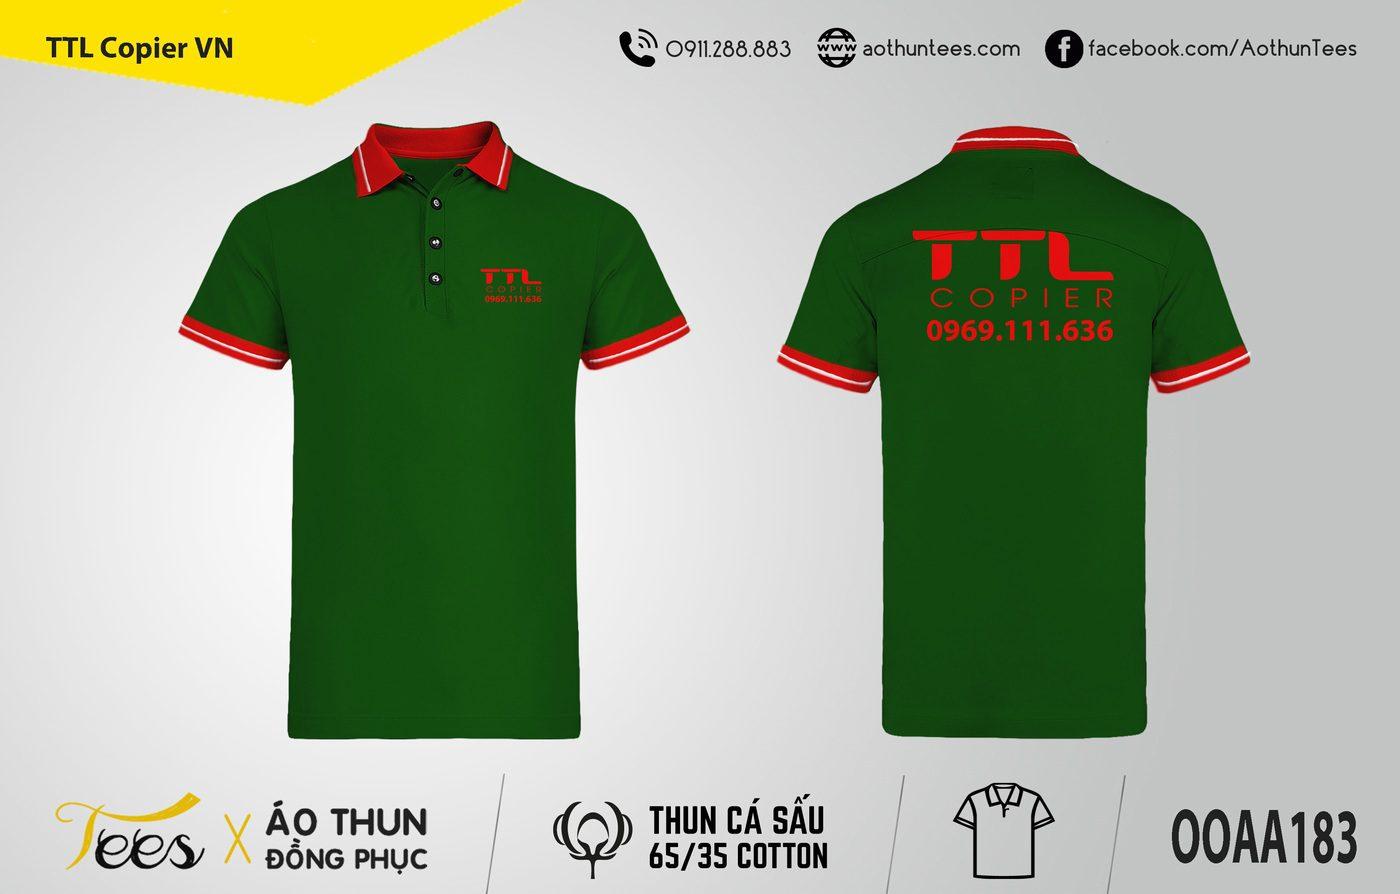 Áo thun đồng phục TTL Copier VN